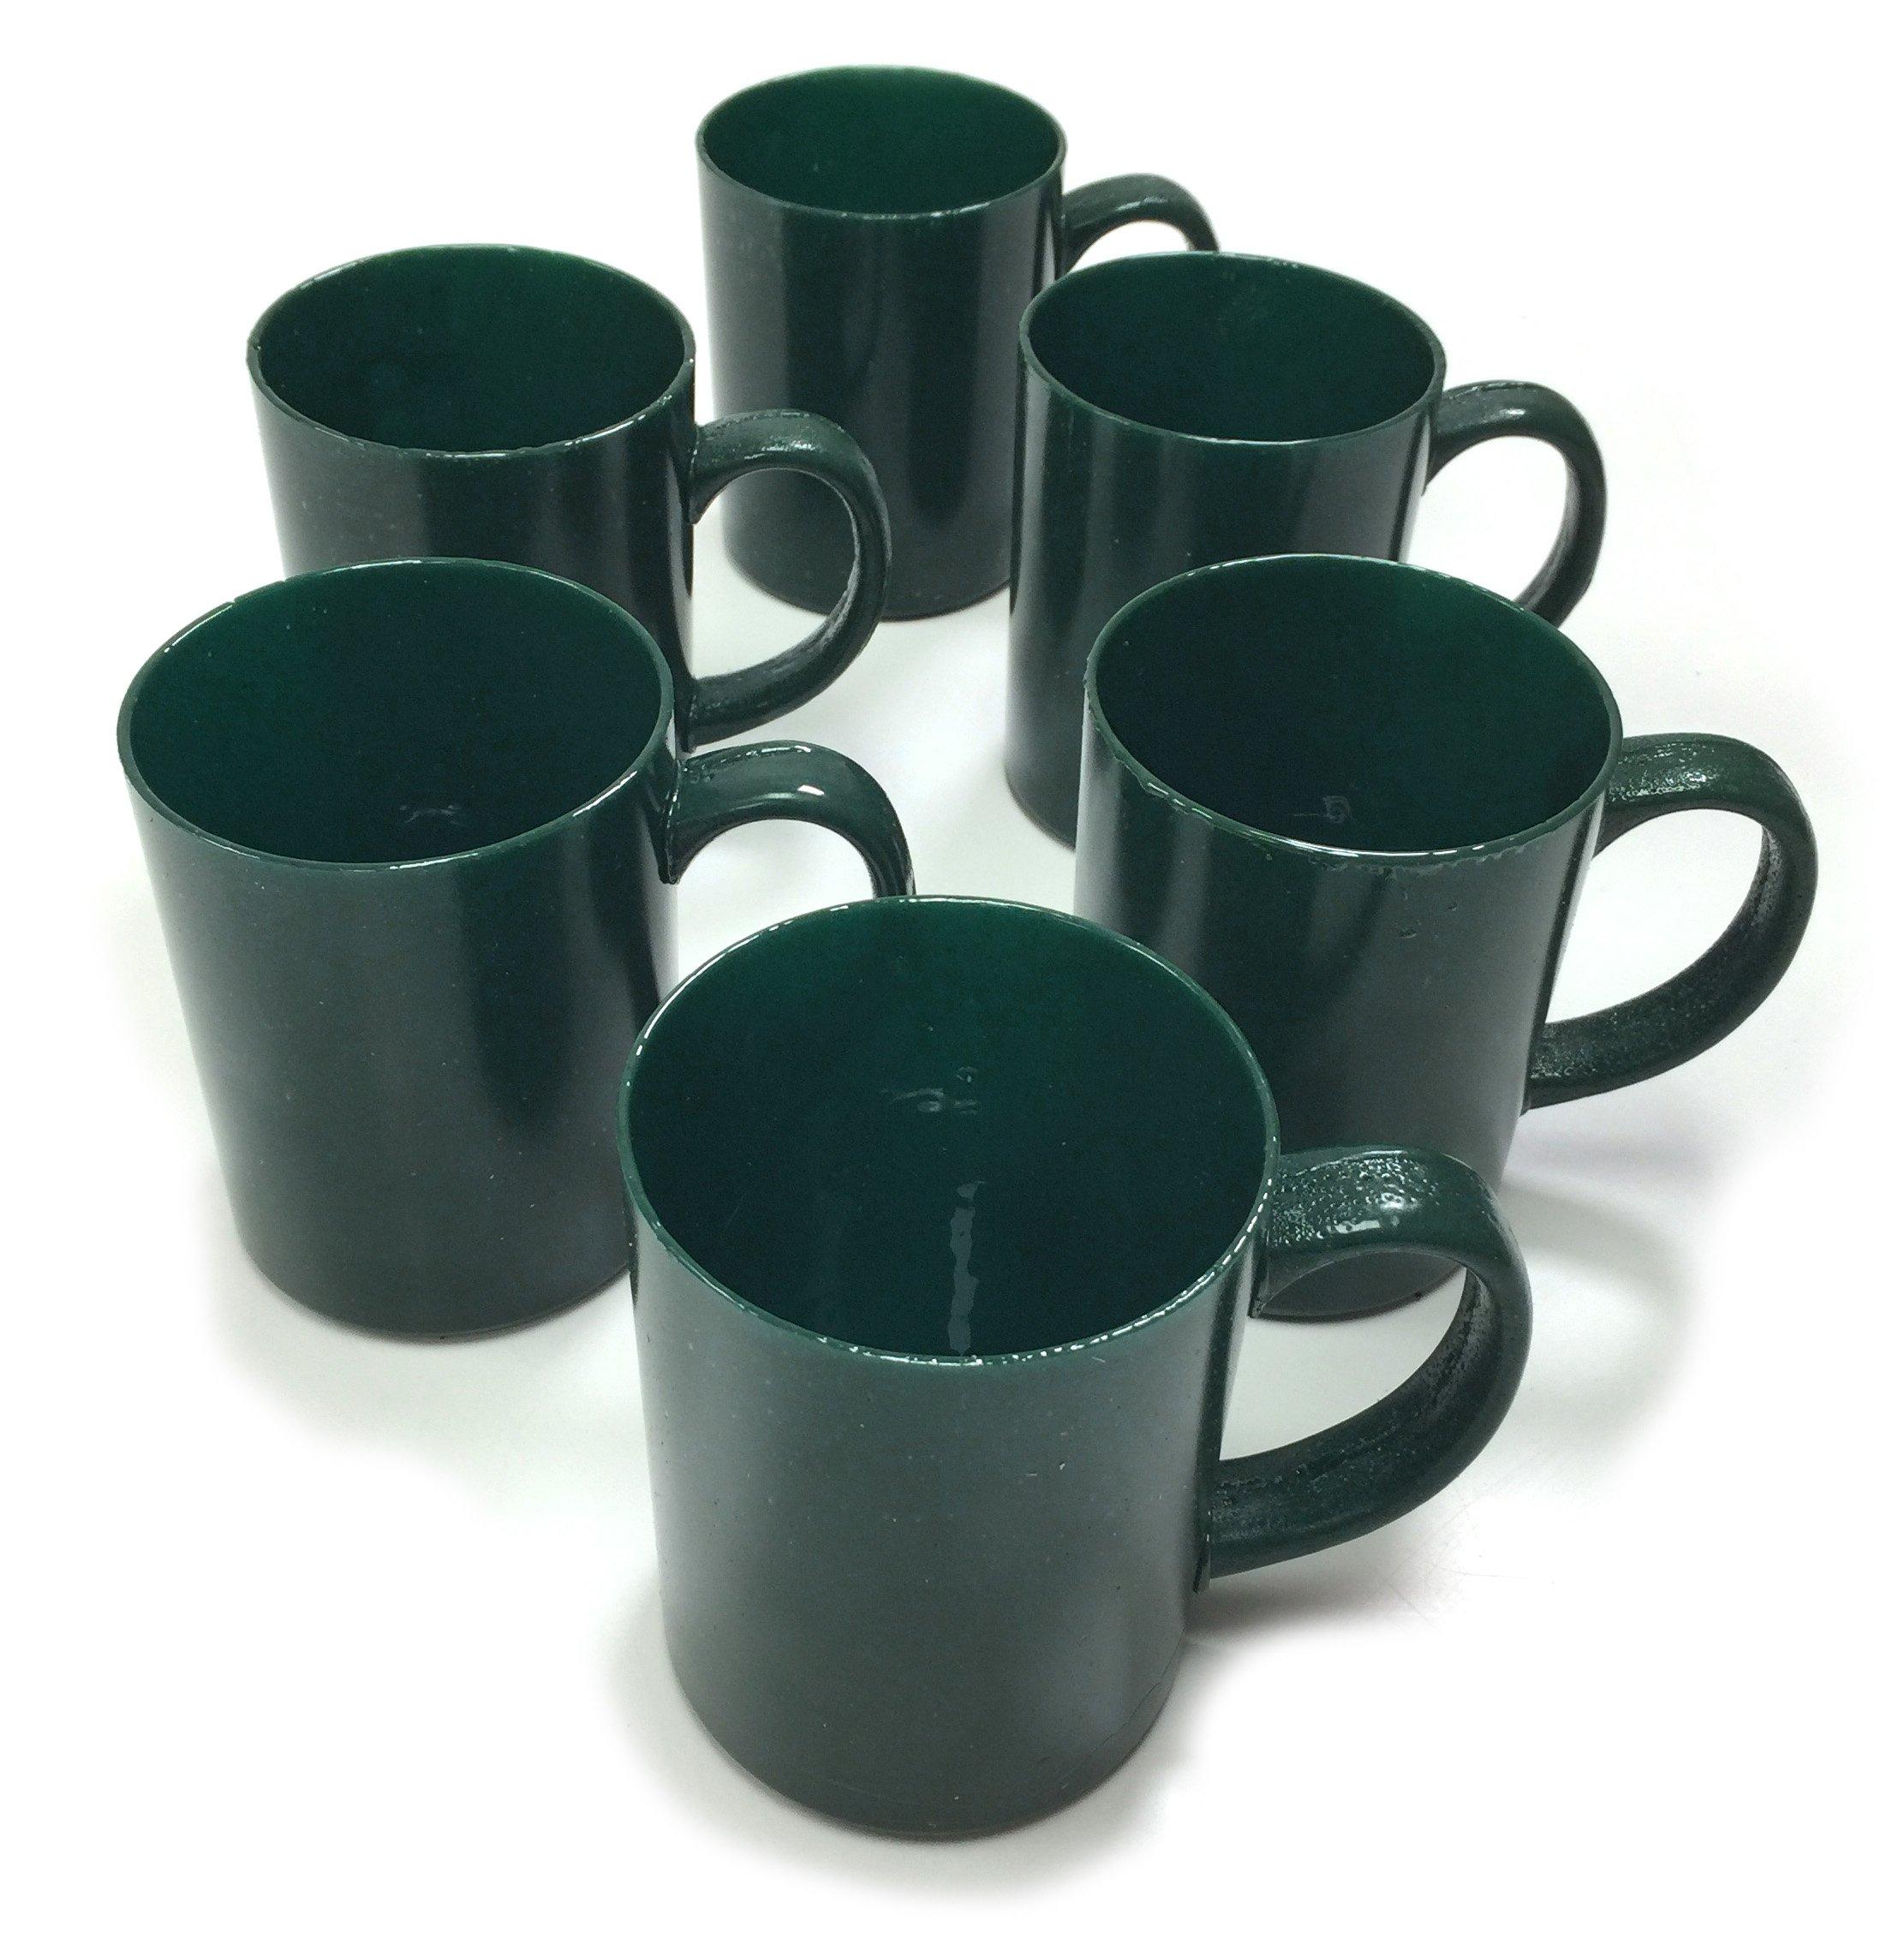 SMASHProps 6 pc. Green Breakaway Mugs Discount Set